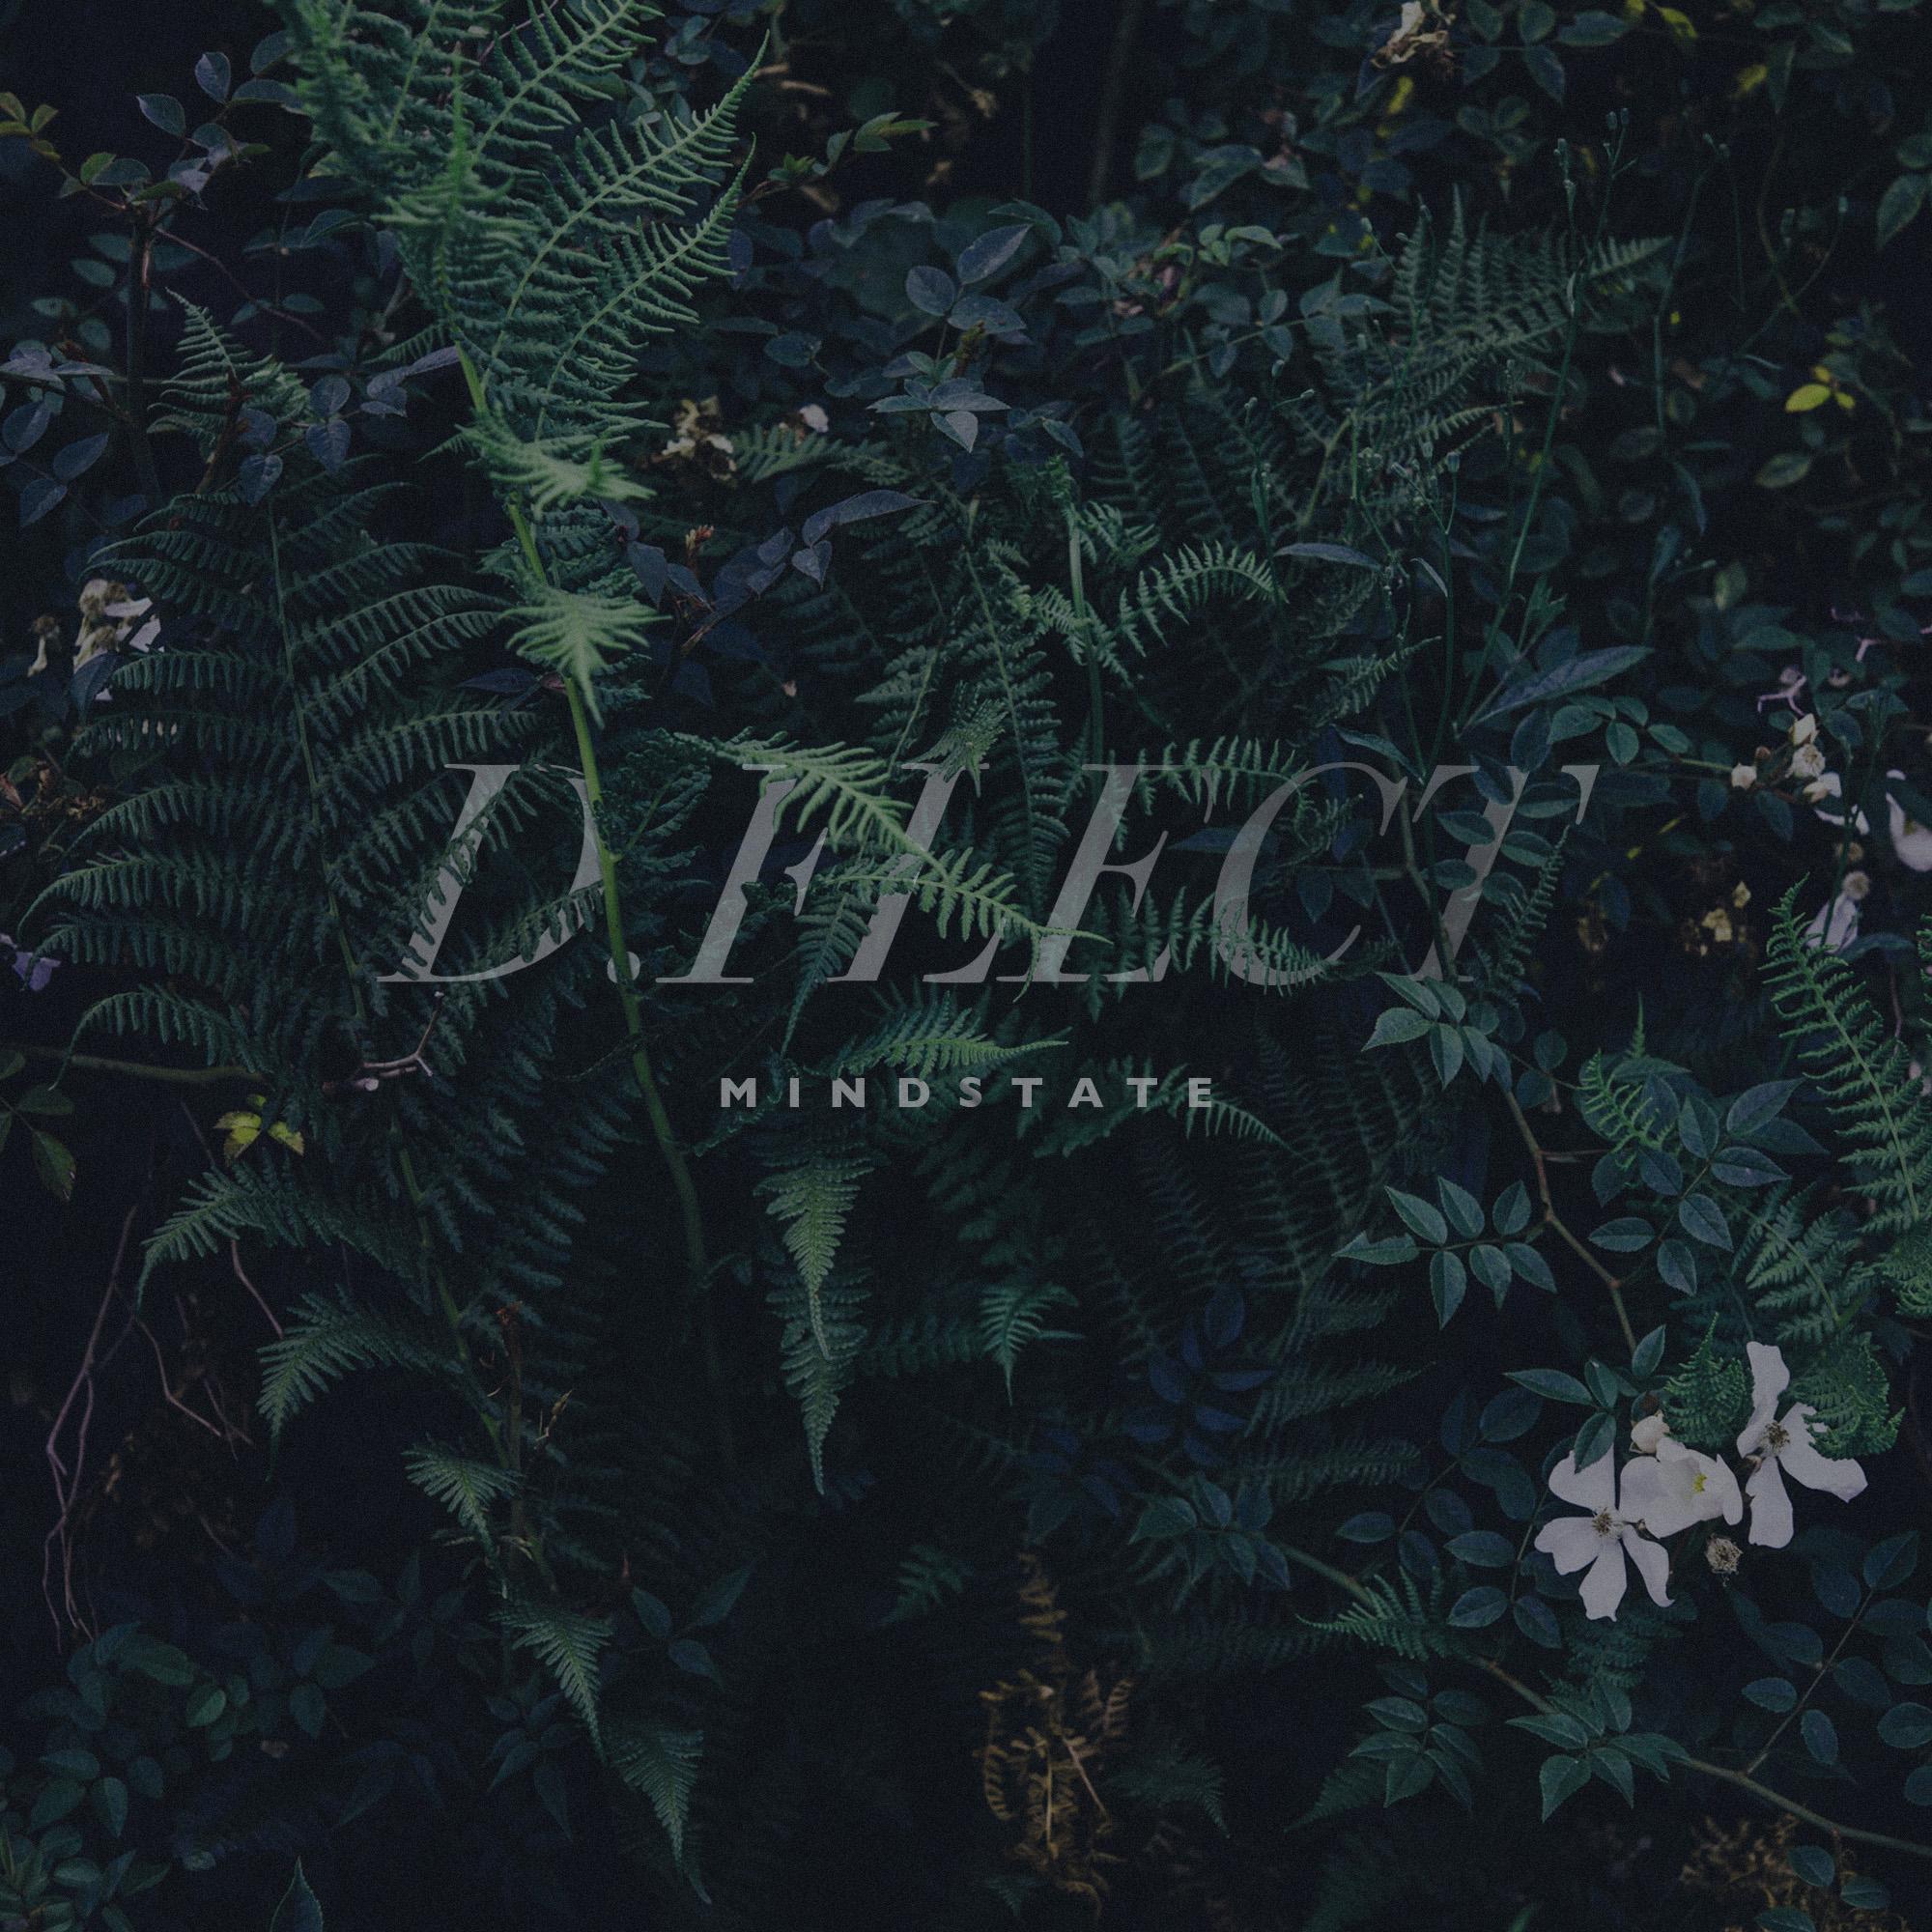 D.Flect-Mindstate